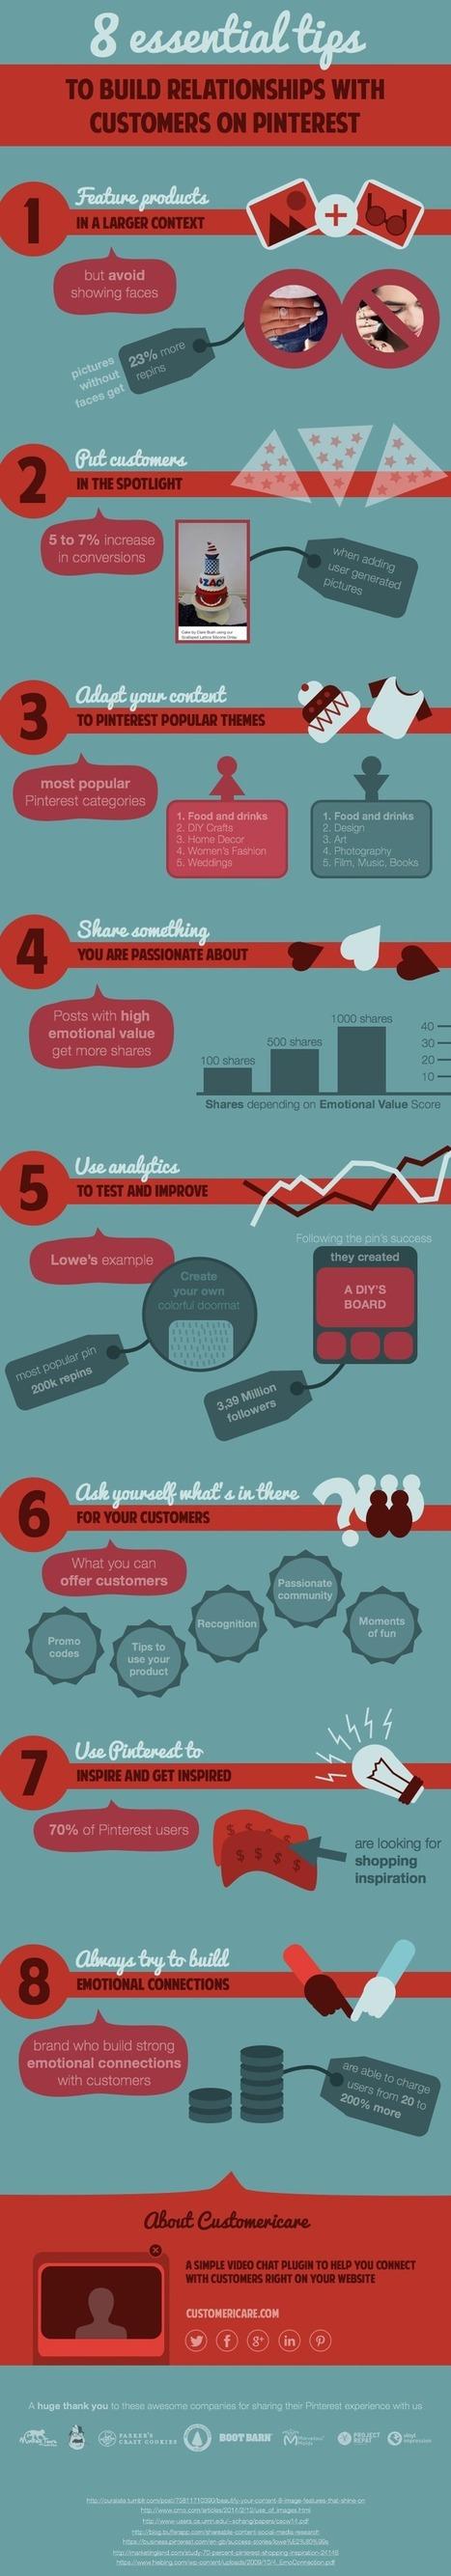 8 consejos para crear relaciones con tus clientes en Pinterest #infografia #socialmedia #marketing | Seo, Social Media Marketing | Scoop.it